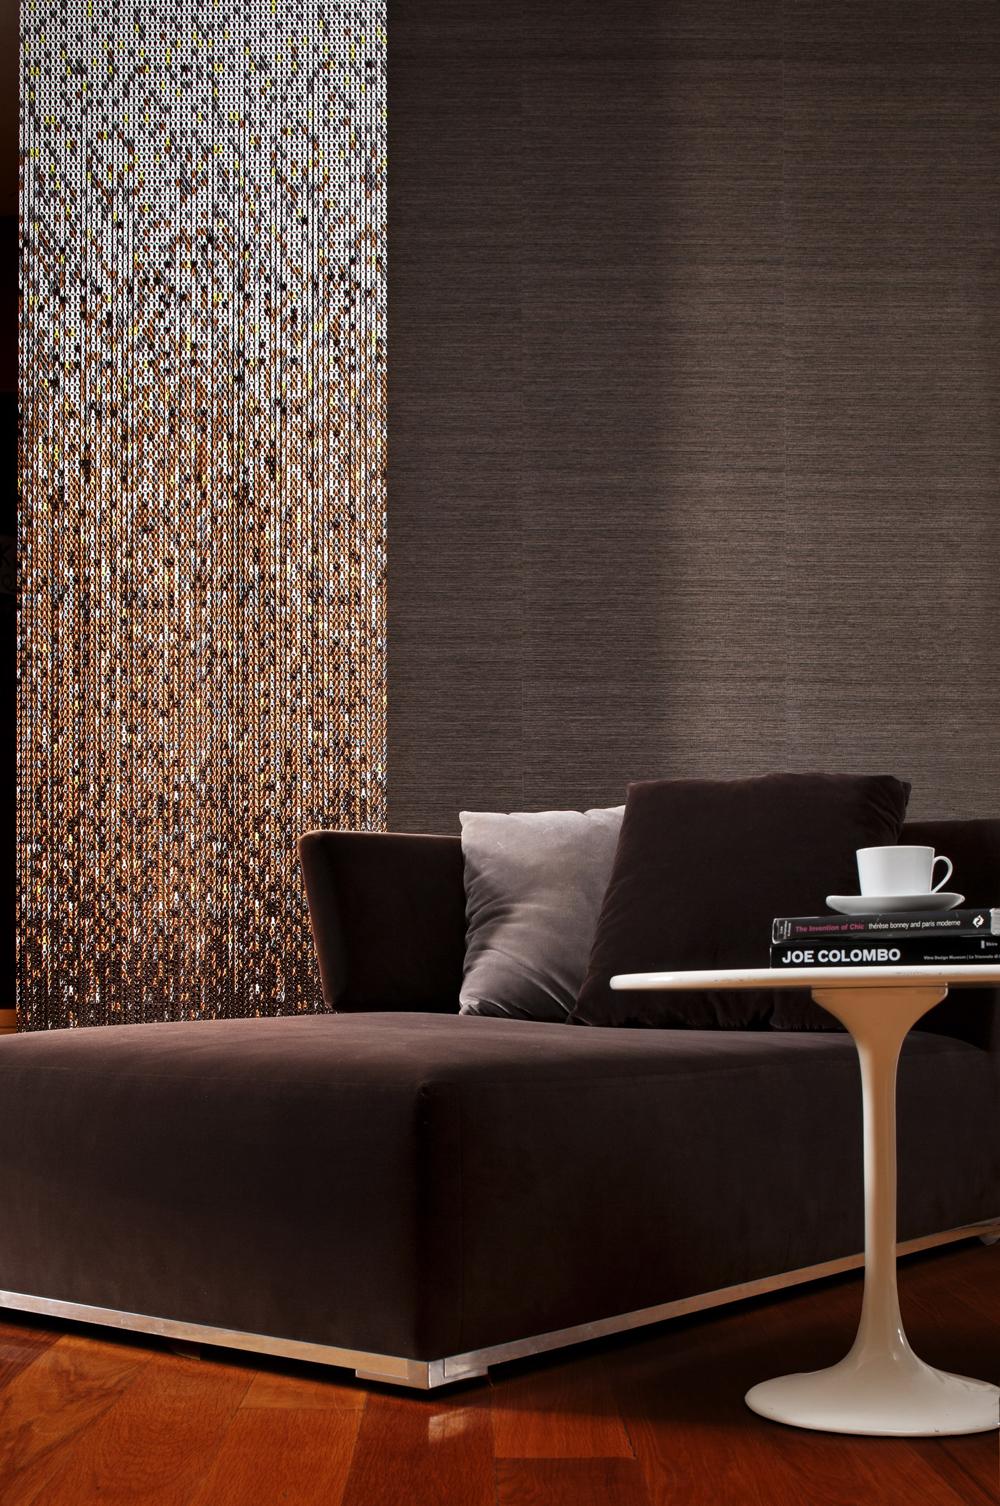 CONOCE KRISKA - Lo último en tendencia de decoración Europea, visita nuestro Showroom para ver todo lo que podemos hacer con cadenas Kriska.